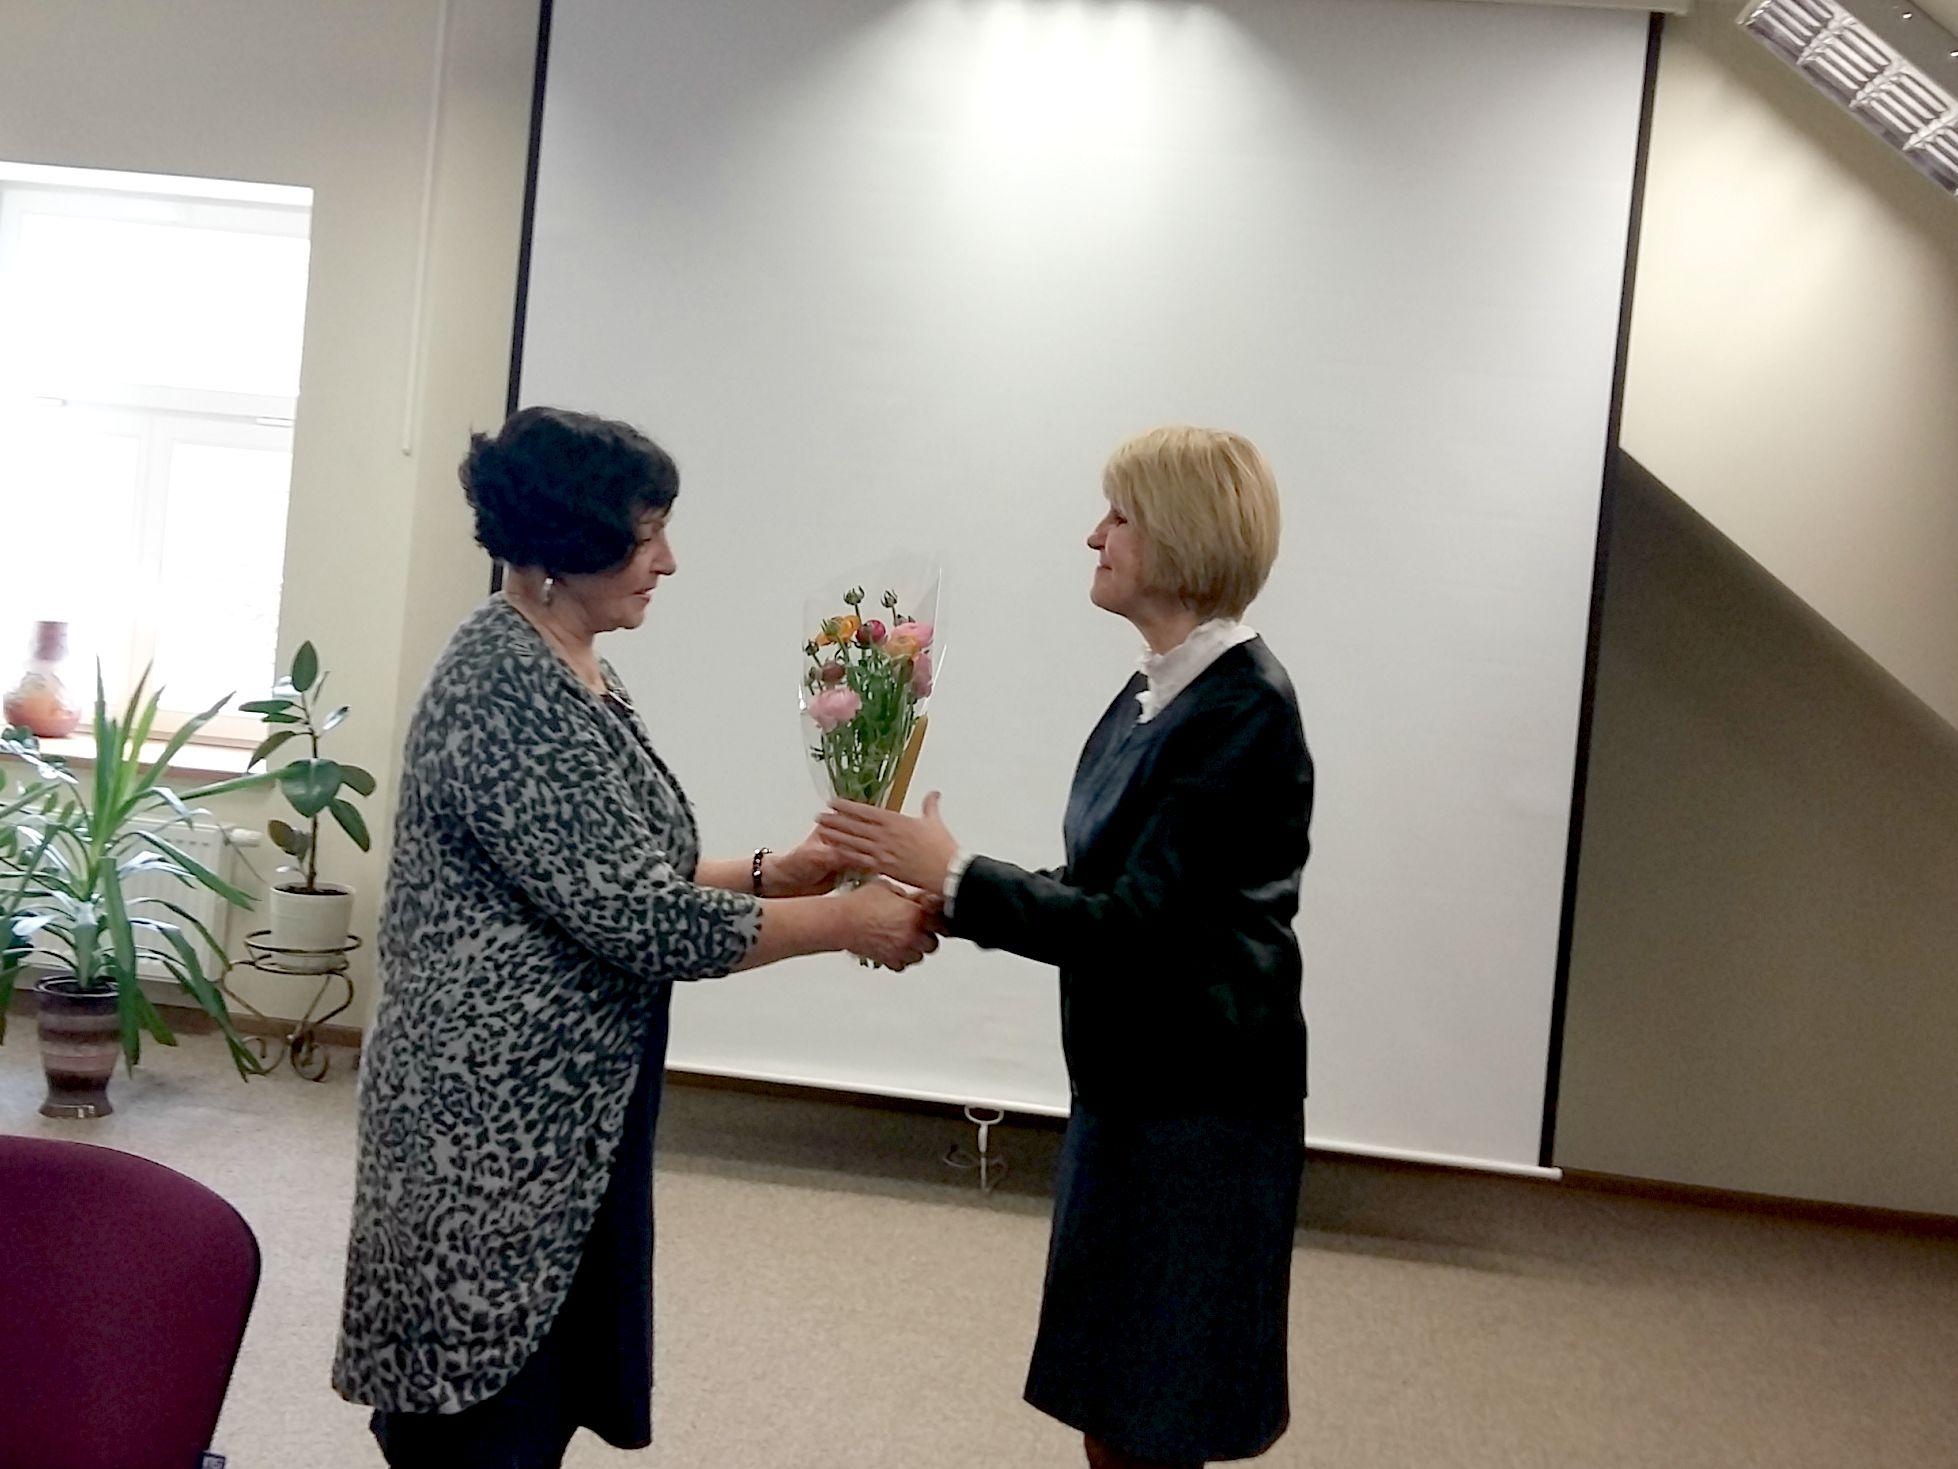 Dalia Poškienei nuskambėjo nuoširdus kraštiečių sveikinimas gimtadienio proga. M. Daukšos viešosios bibliotekos vadovė Virginija Grigorjevienė (dešinėje) viešniai įteikė gėlių. A. Balčiūnienės nuotr.